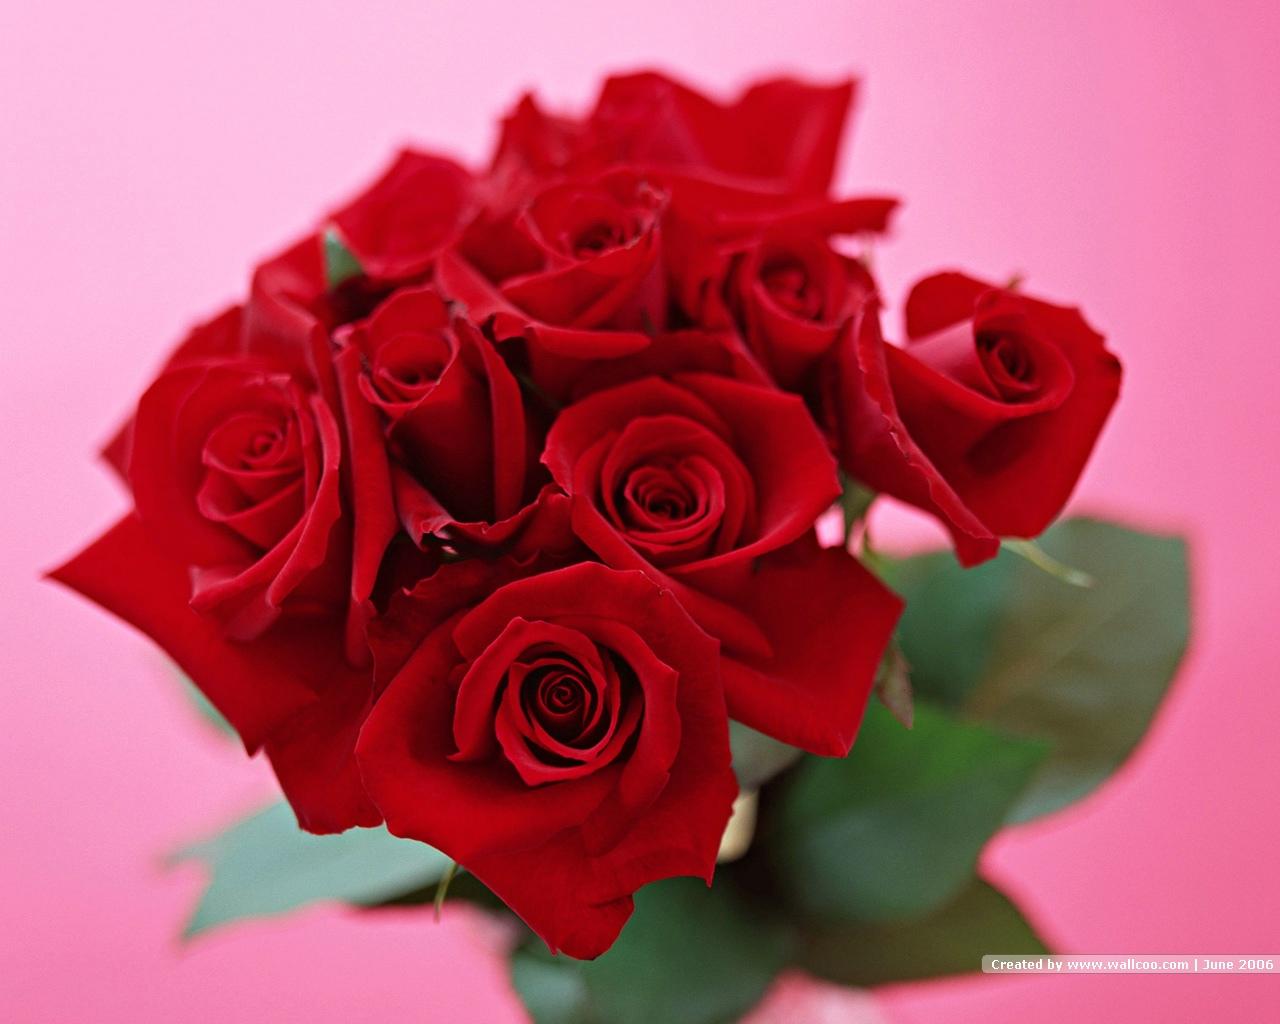 Rose Flower Pic